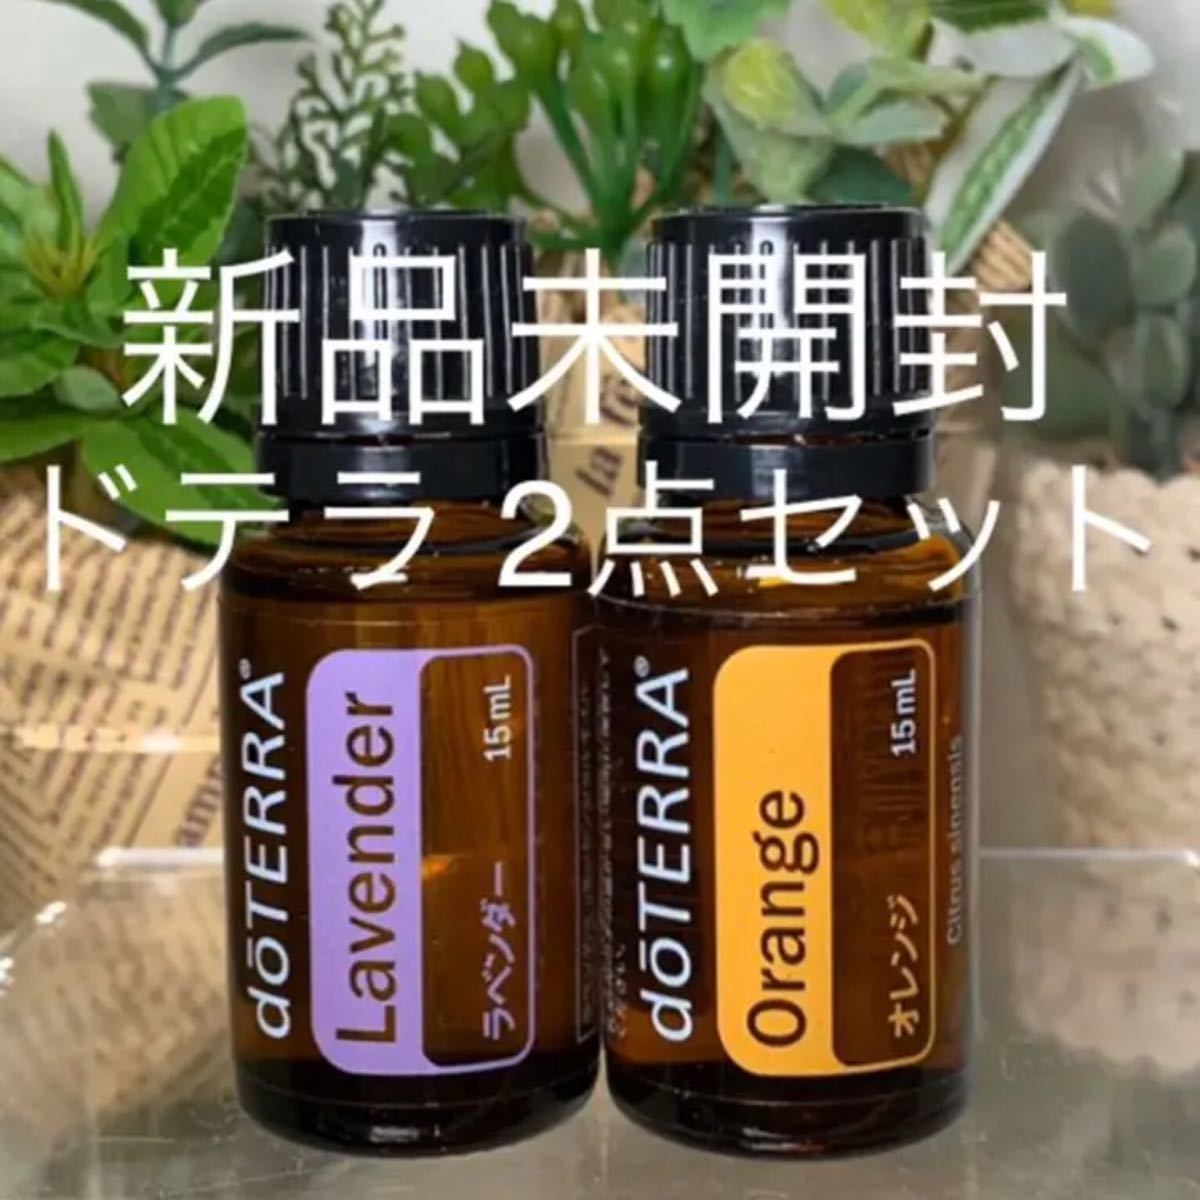 ドテラ ラベンダー 15ml & オレンジ 15ml 2点セット★新品未開封★